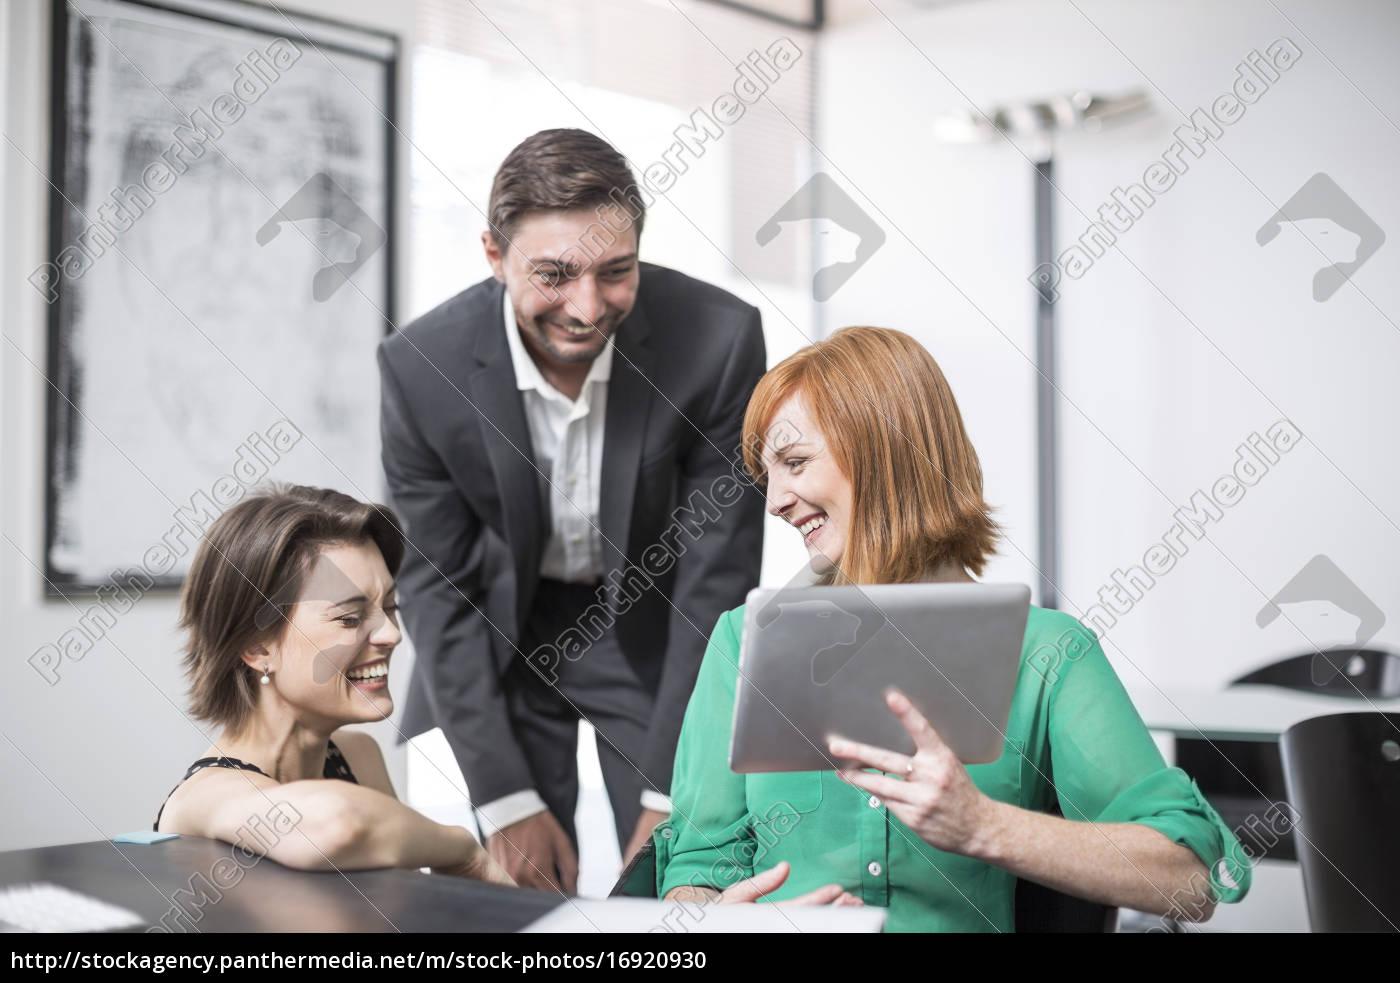 mulher, de, negócios, que, mostra, a - 16920930